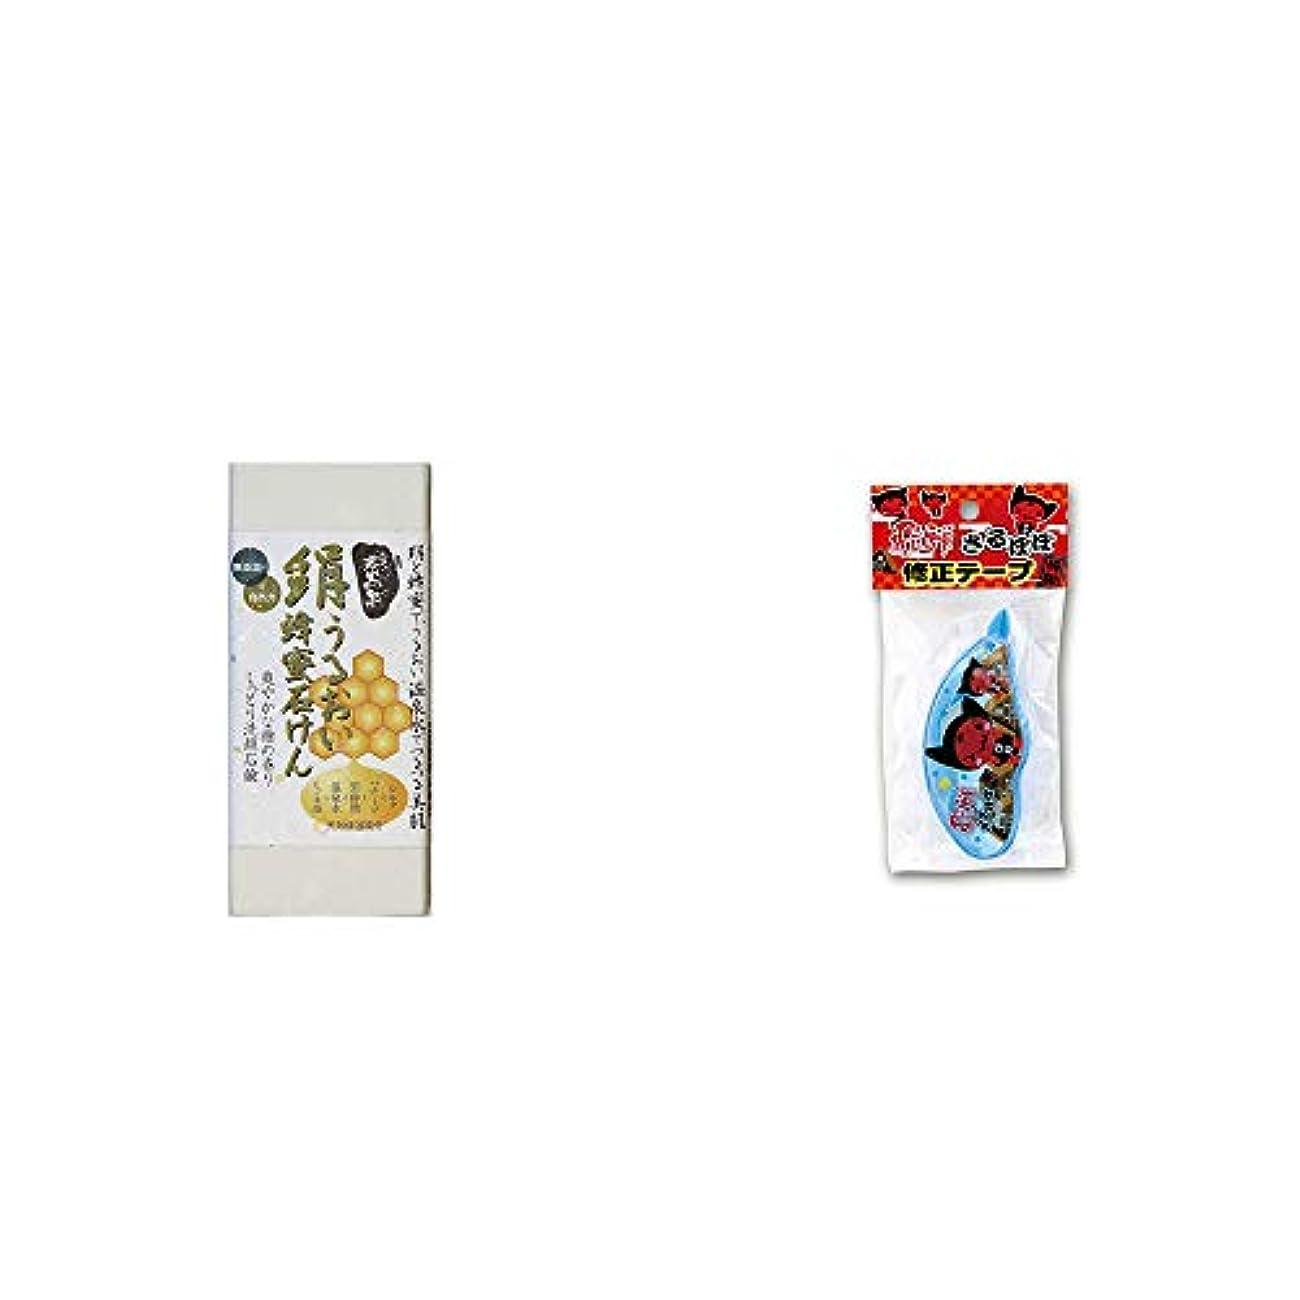 ブロック愛人追加する[2点セット] ひのき炭黒泉 絹うるおい蜂蜜石けん(75g×2)?さるぼぼ 修正テープ【ピンク】